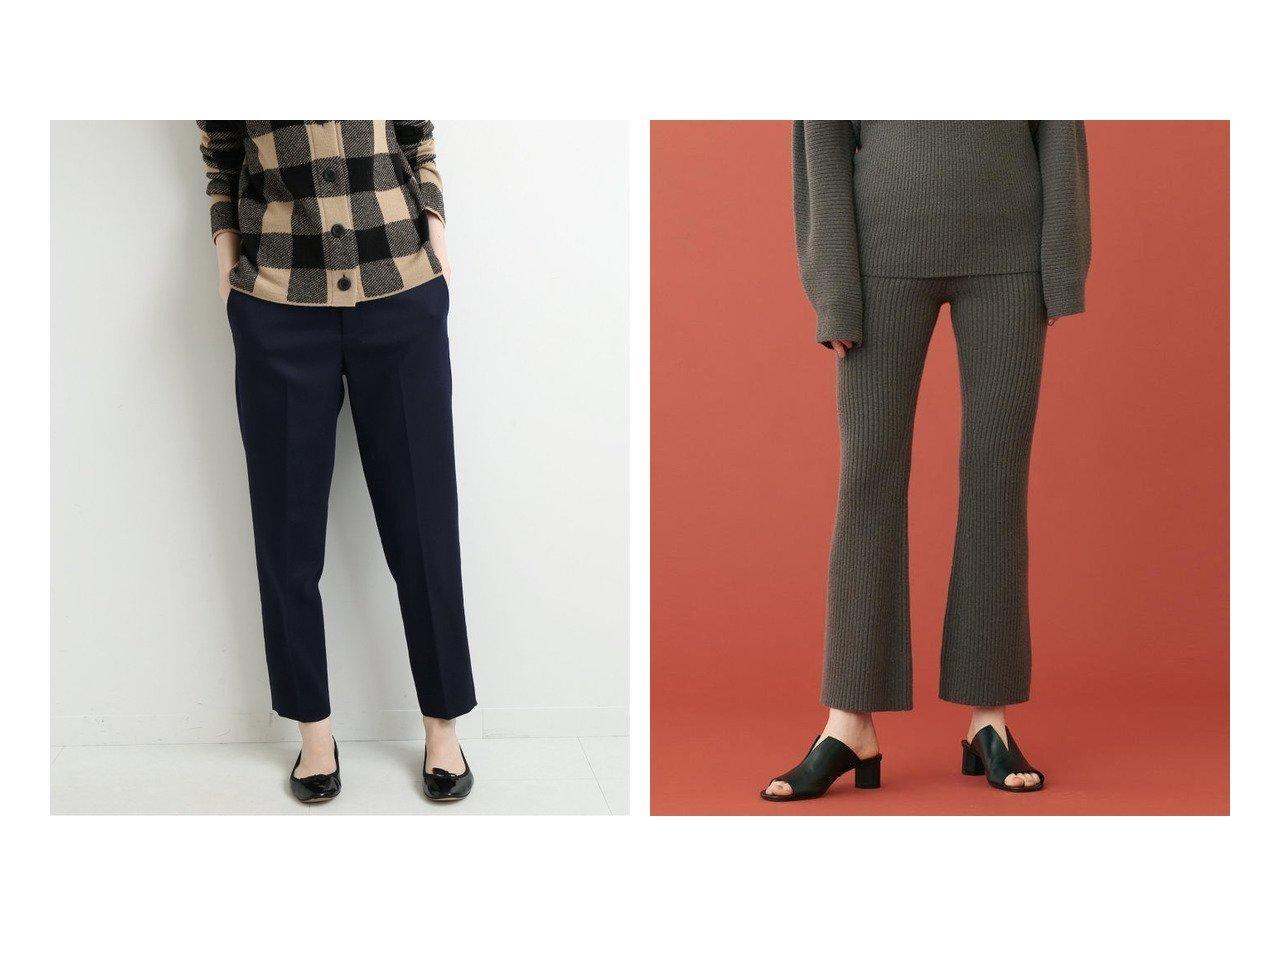 【IENA/イエナ】のsese サブリナパンツ&【TOMORROWLAND BALLSEY/トゥモローランド ボールジー】のウールセーブルカシミヤ セミフレアパンツ パンツのおすすめ!人気、レディースファッションの通販 おすすめで人気のファッション通販商品 インテリア・家具・キッズファッション・メンズファッション・レディースファッション・服の通販 founy(ファニー) https://founy.com/ ファッション Fashion レディース WOMEN パンツ Pants コレクション シルク ドット バランス フレンチ ベーシック 秋冬 A/W Autumn/ Winter カシミヤ シューズ フラット ミックス |ID:crp329100000002992